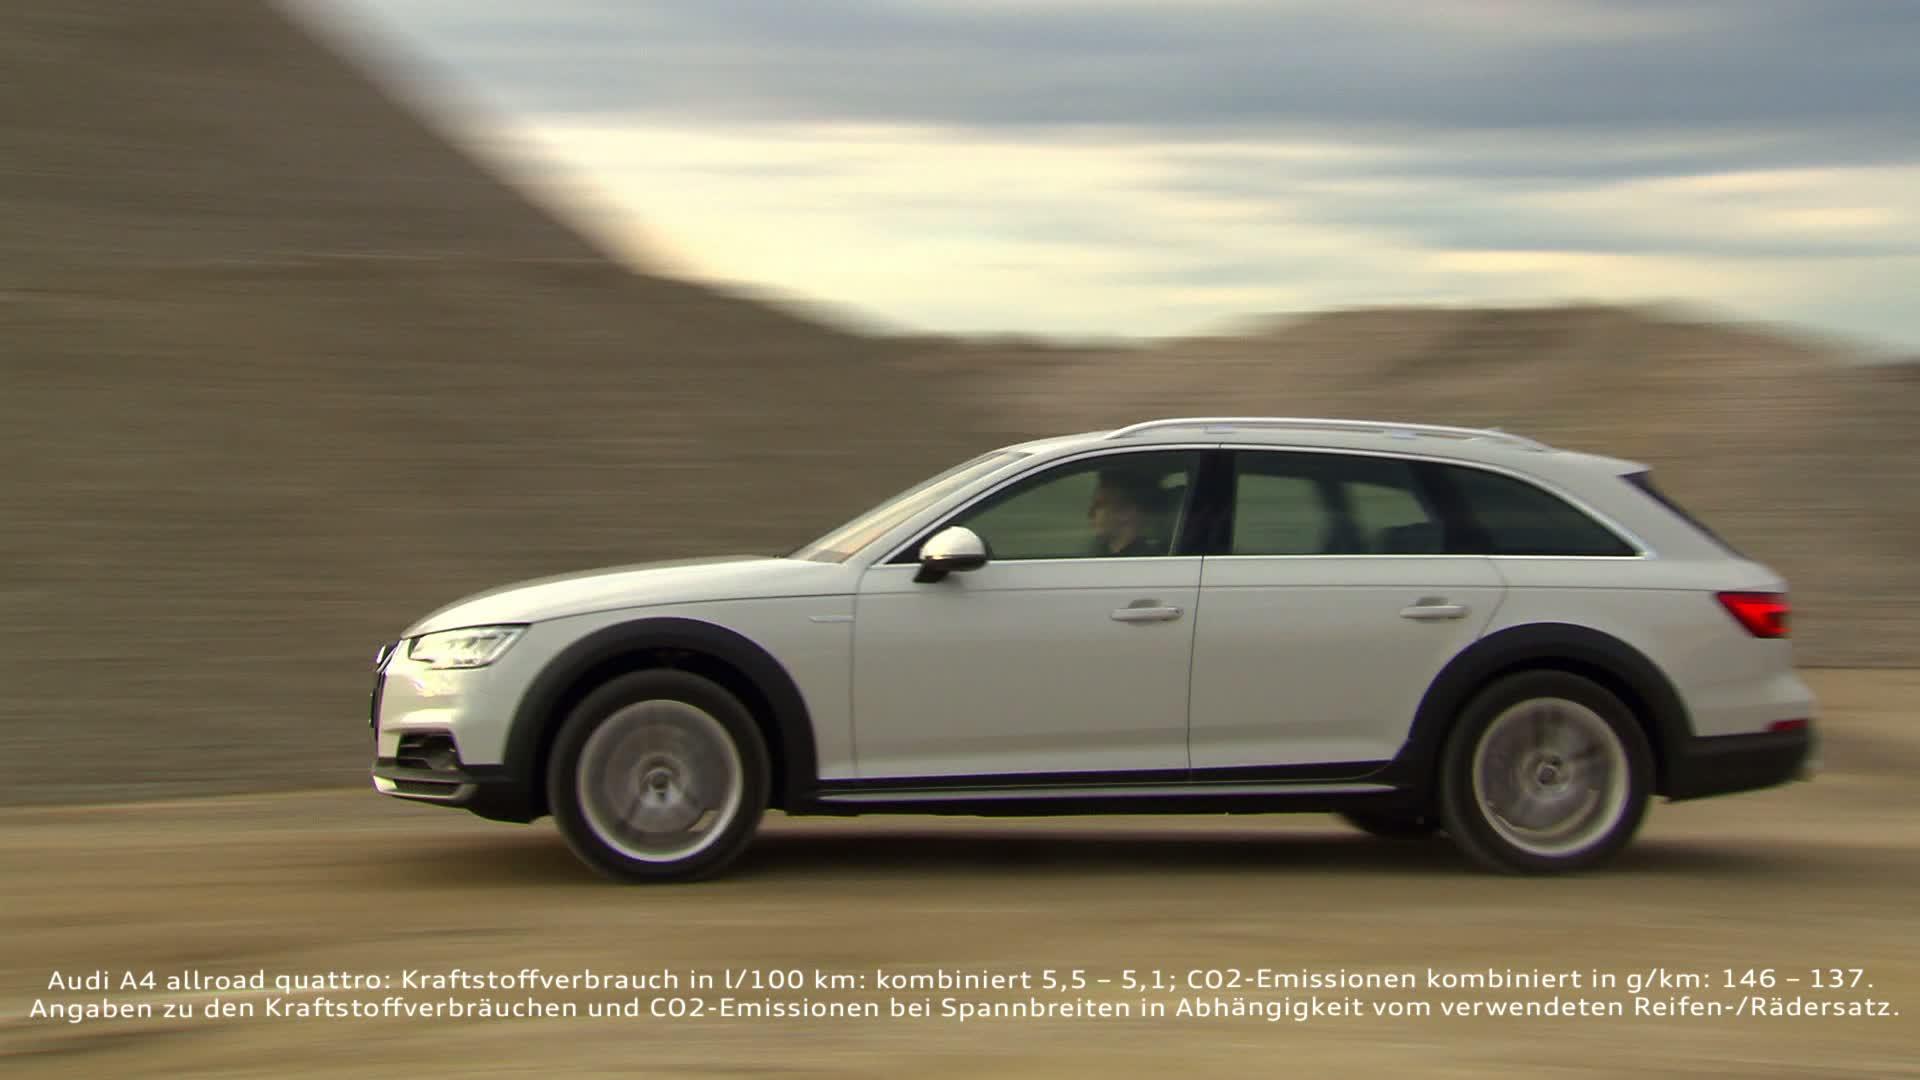 Der neue Audi A4 allroad quattro - Allrounder mit Offroad-Fähigkeiten